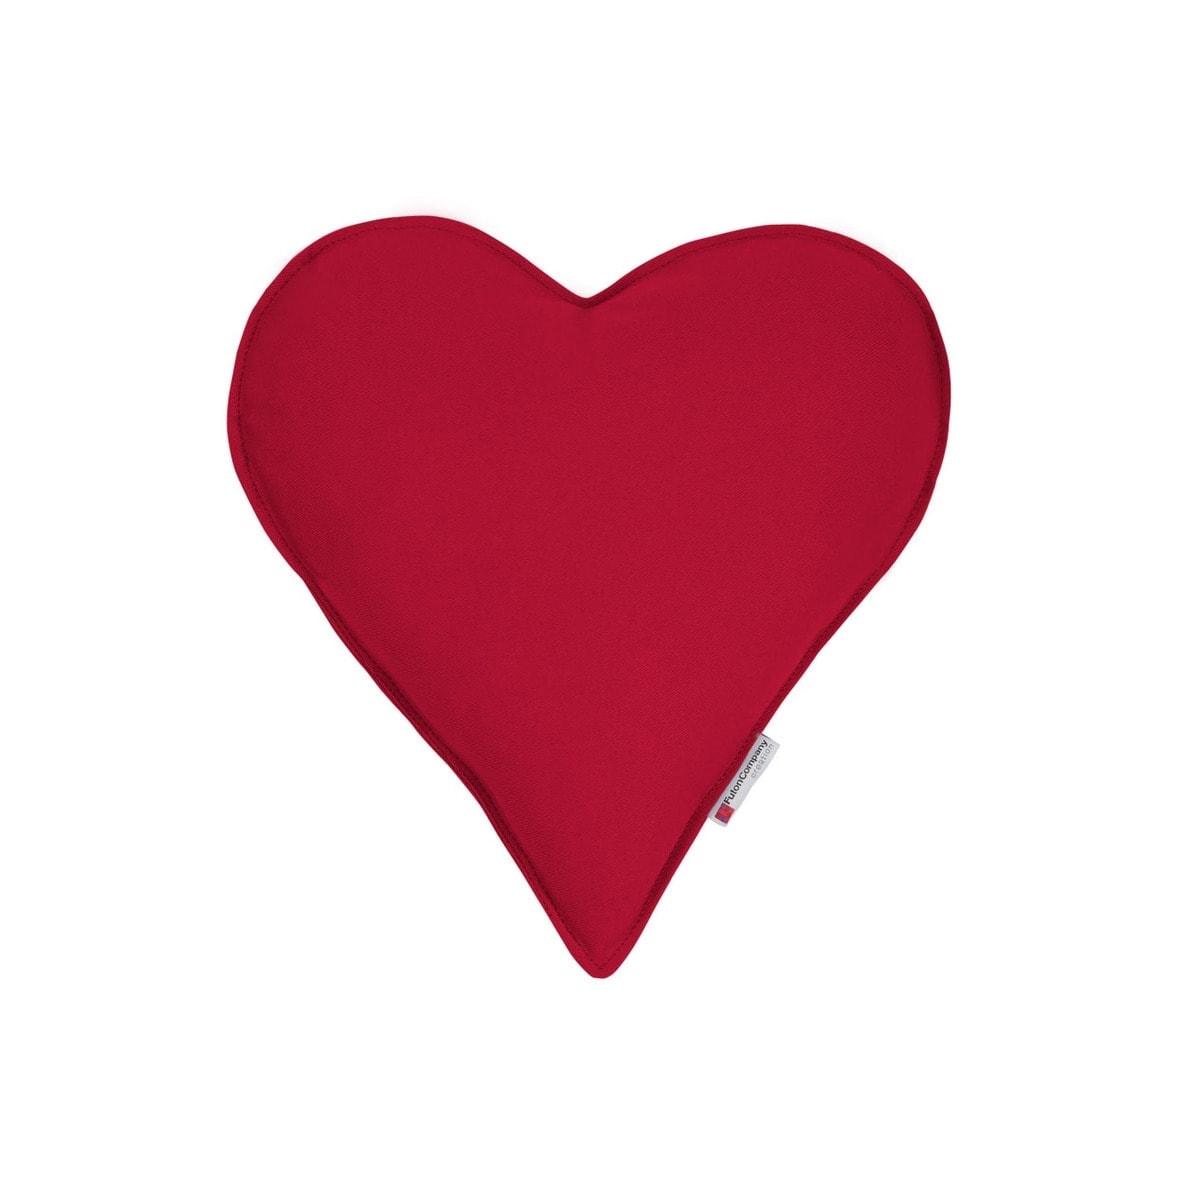 Almofada-Je-t'aime-Sharp-M-Tecido-Lonita-Vermelho-da-china-01